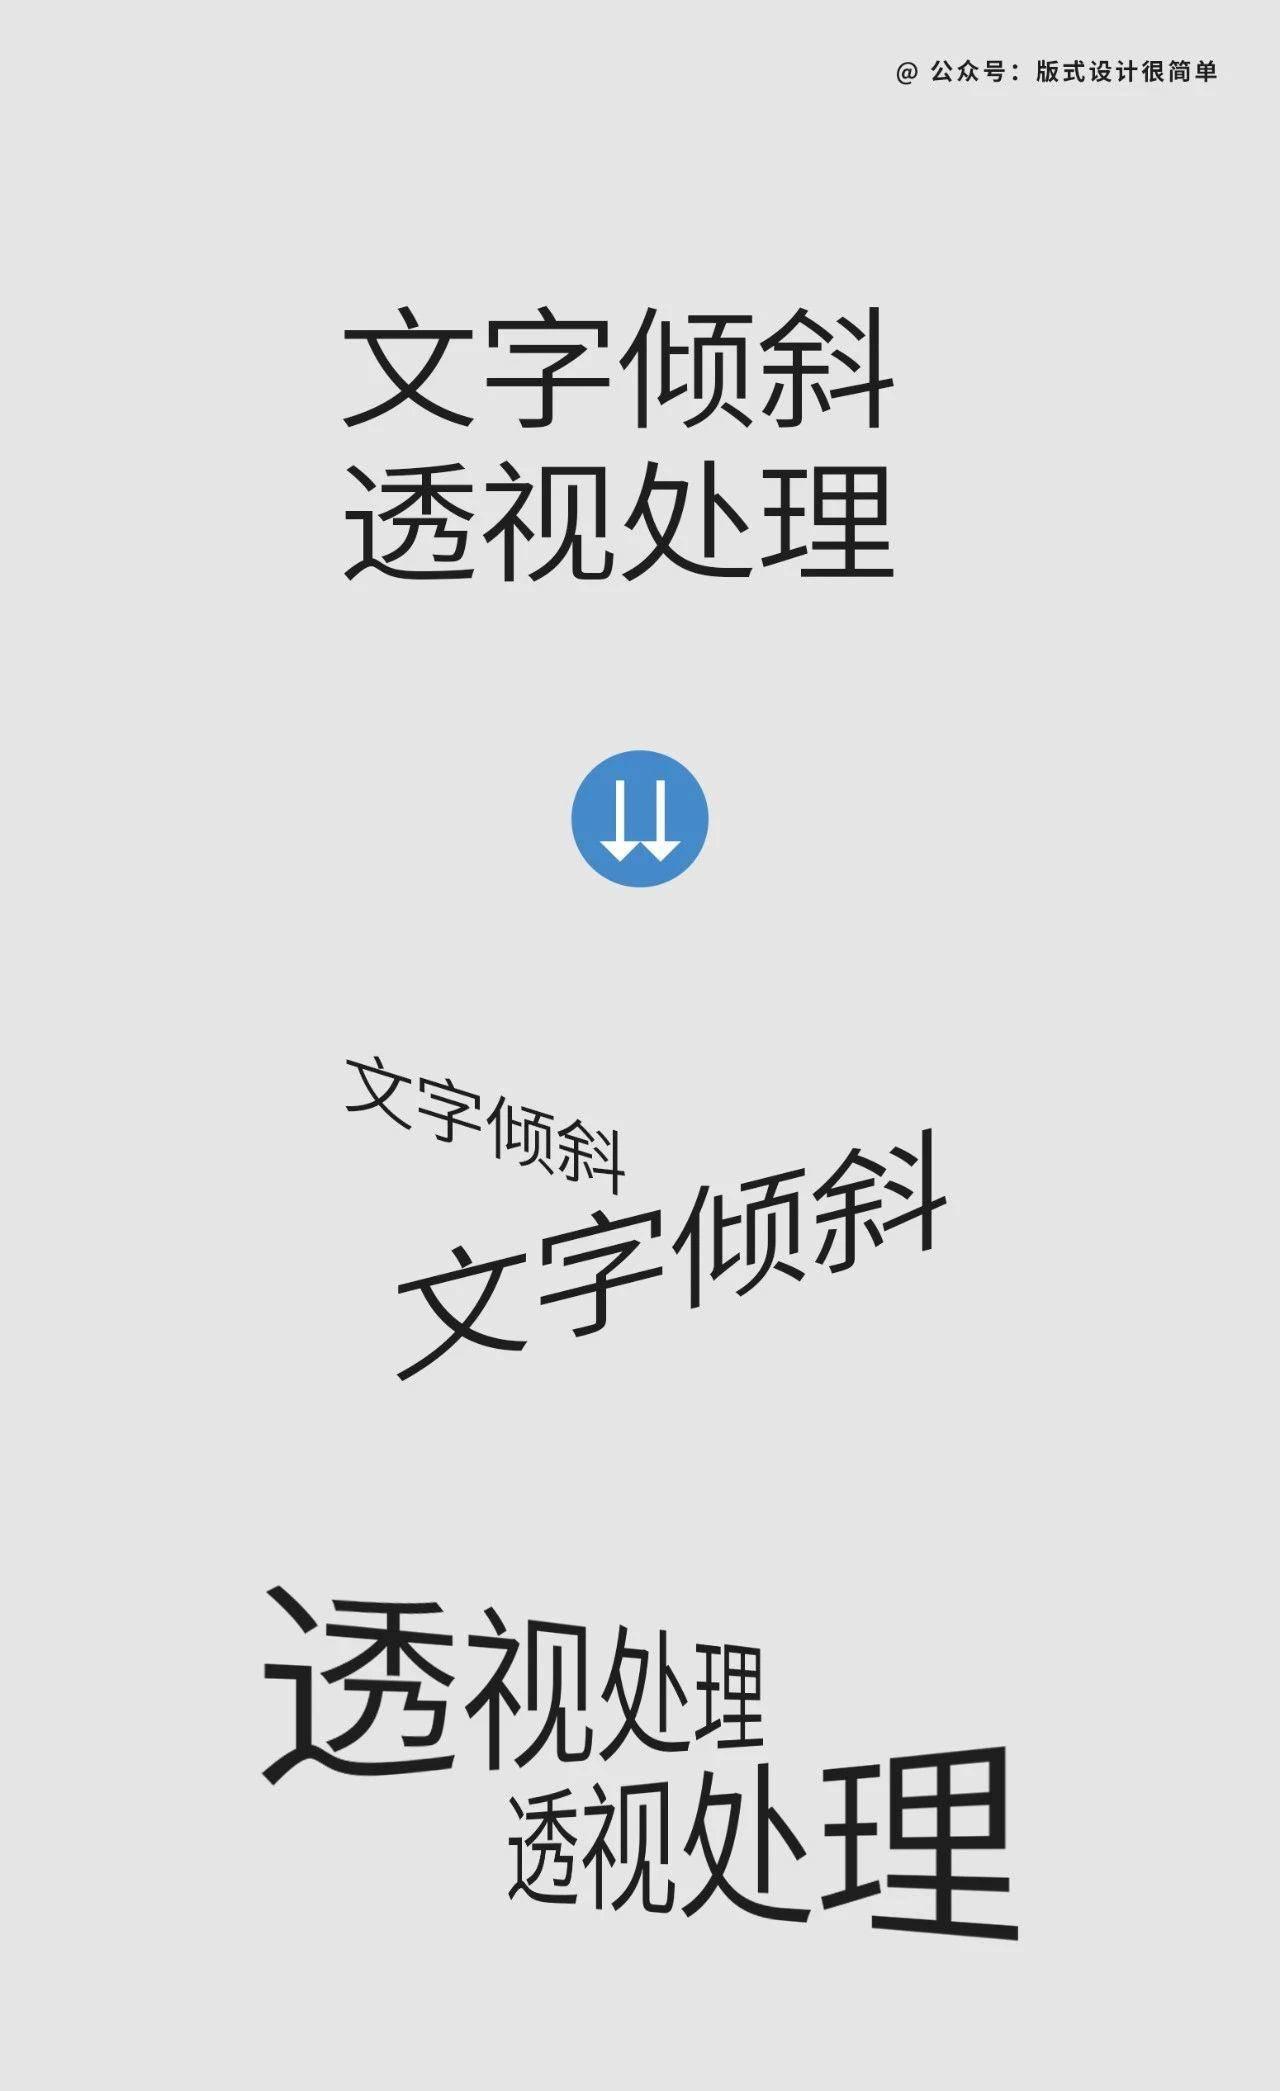 提升画面动感的4种文字排版技巧